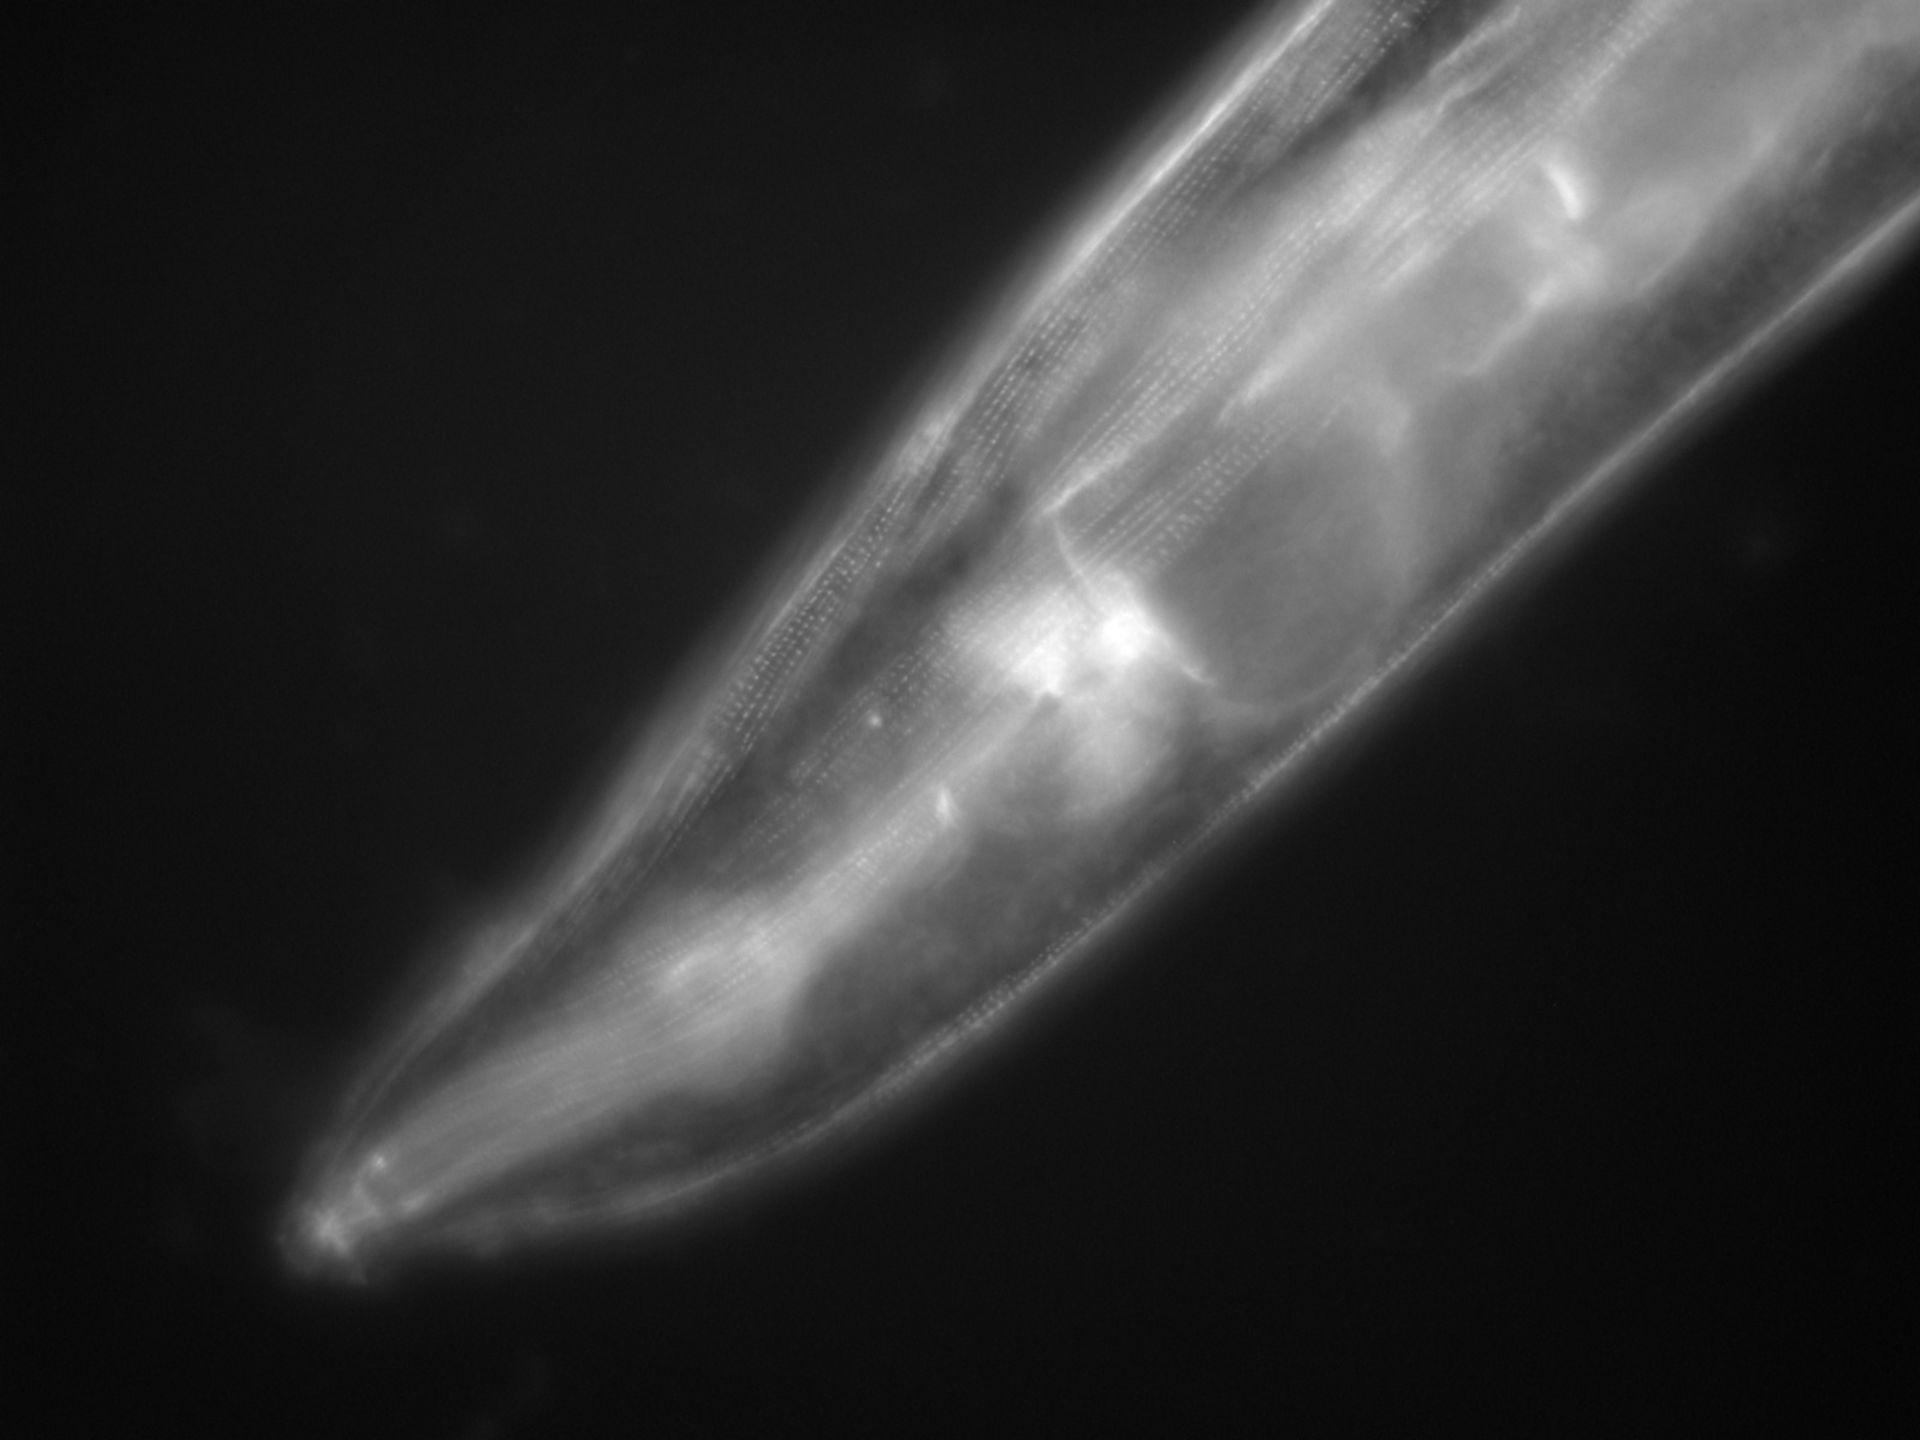 Caenorhabditis elegans (Actin filament) - CIL:1133